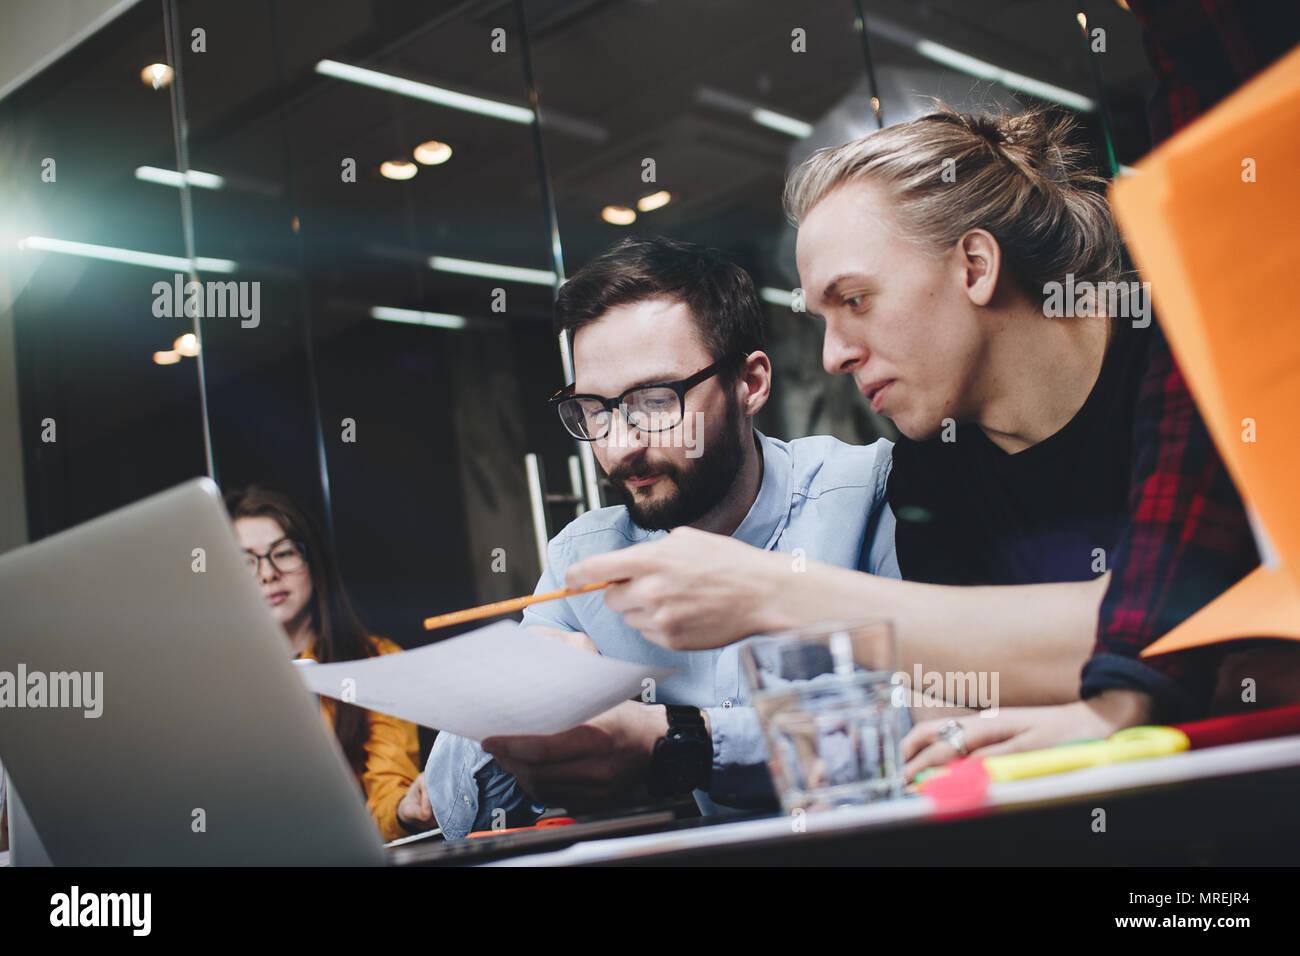 Equipo de jóvenes estudiantes de ingeniería está trabajando en un nuevo proyecto, discutir los diagramas en papel y ordenador portátil en un moderno espacio loft Foto de stock